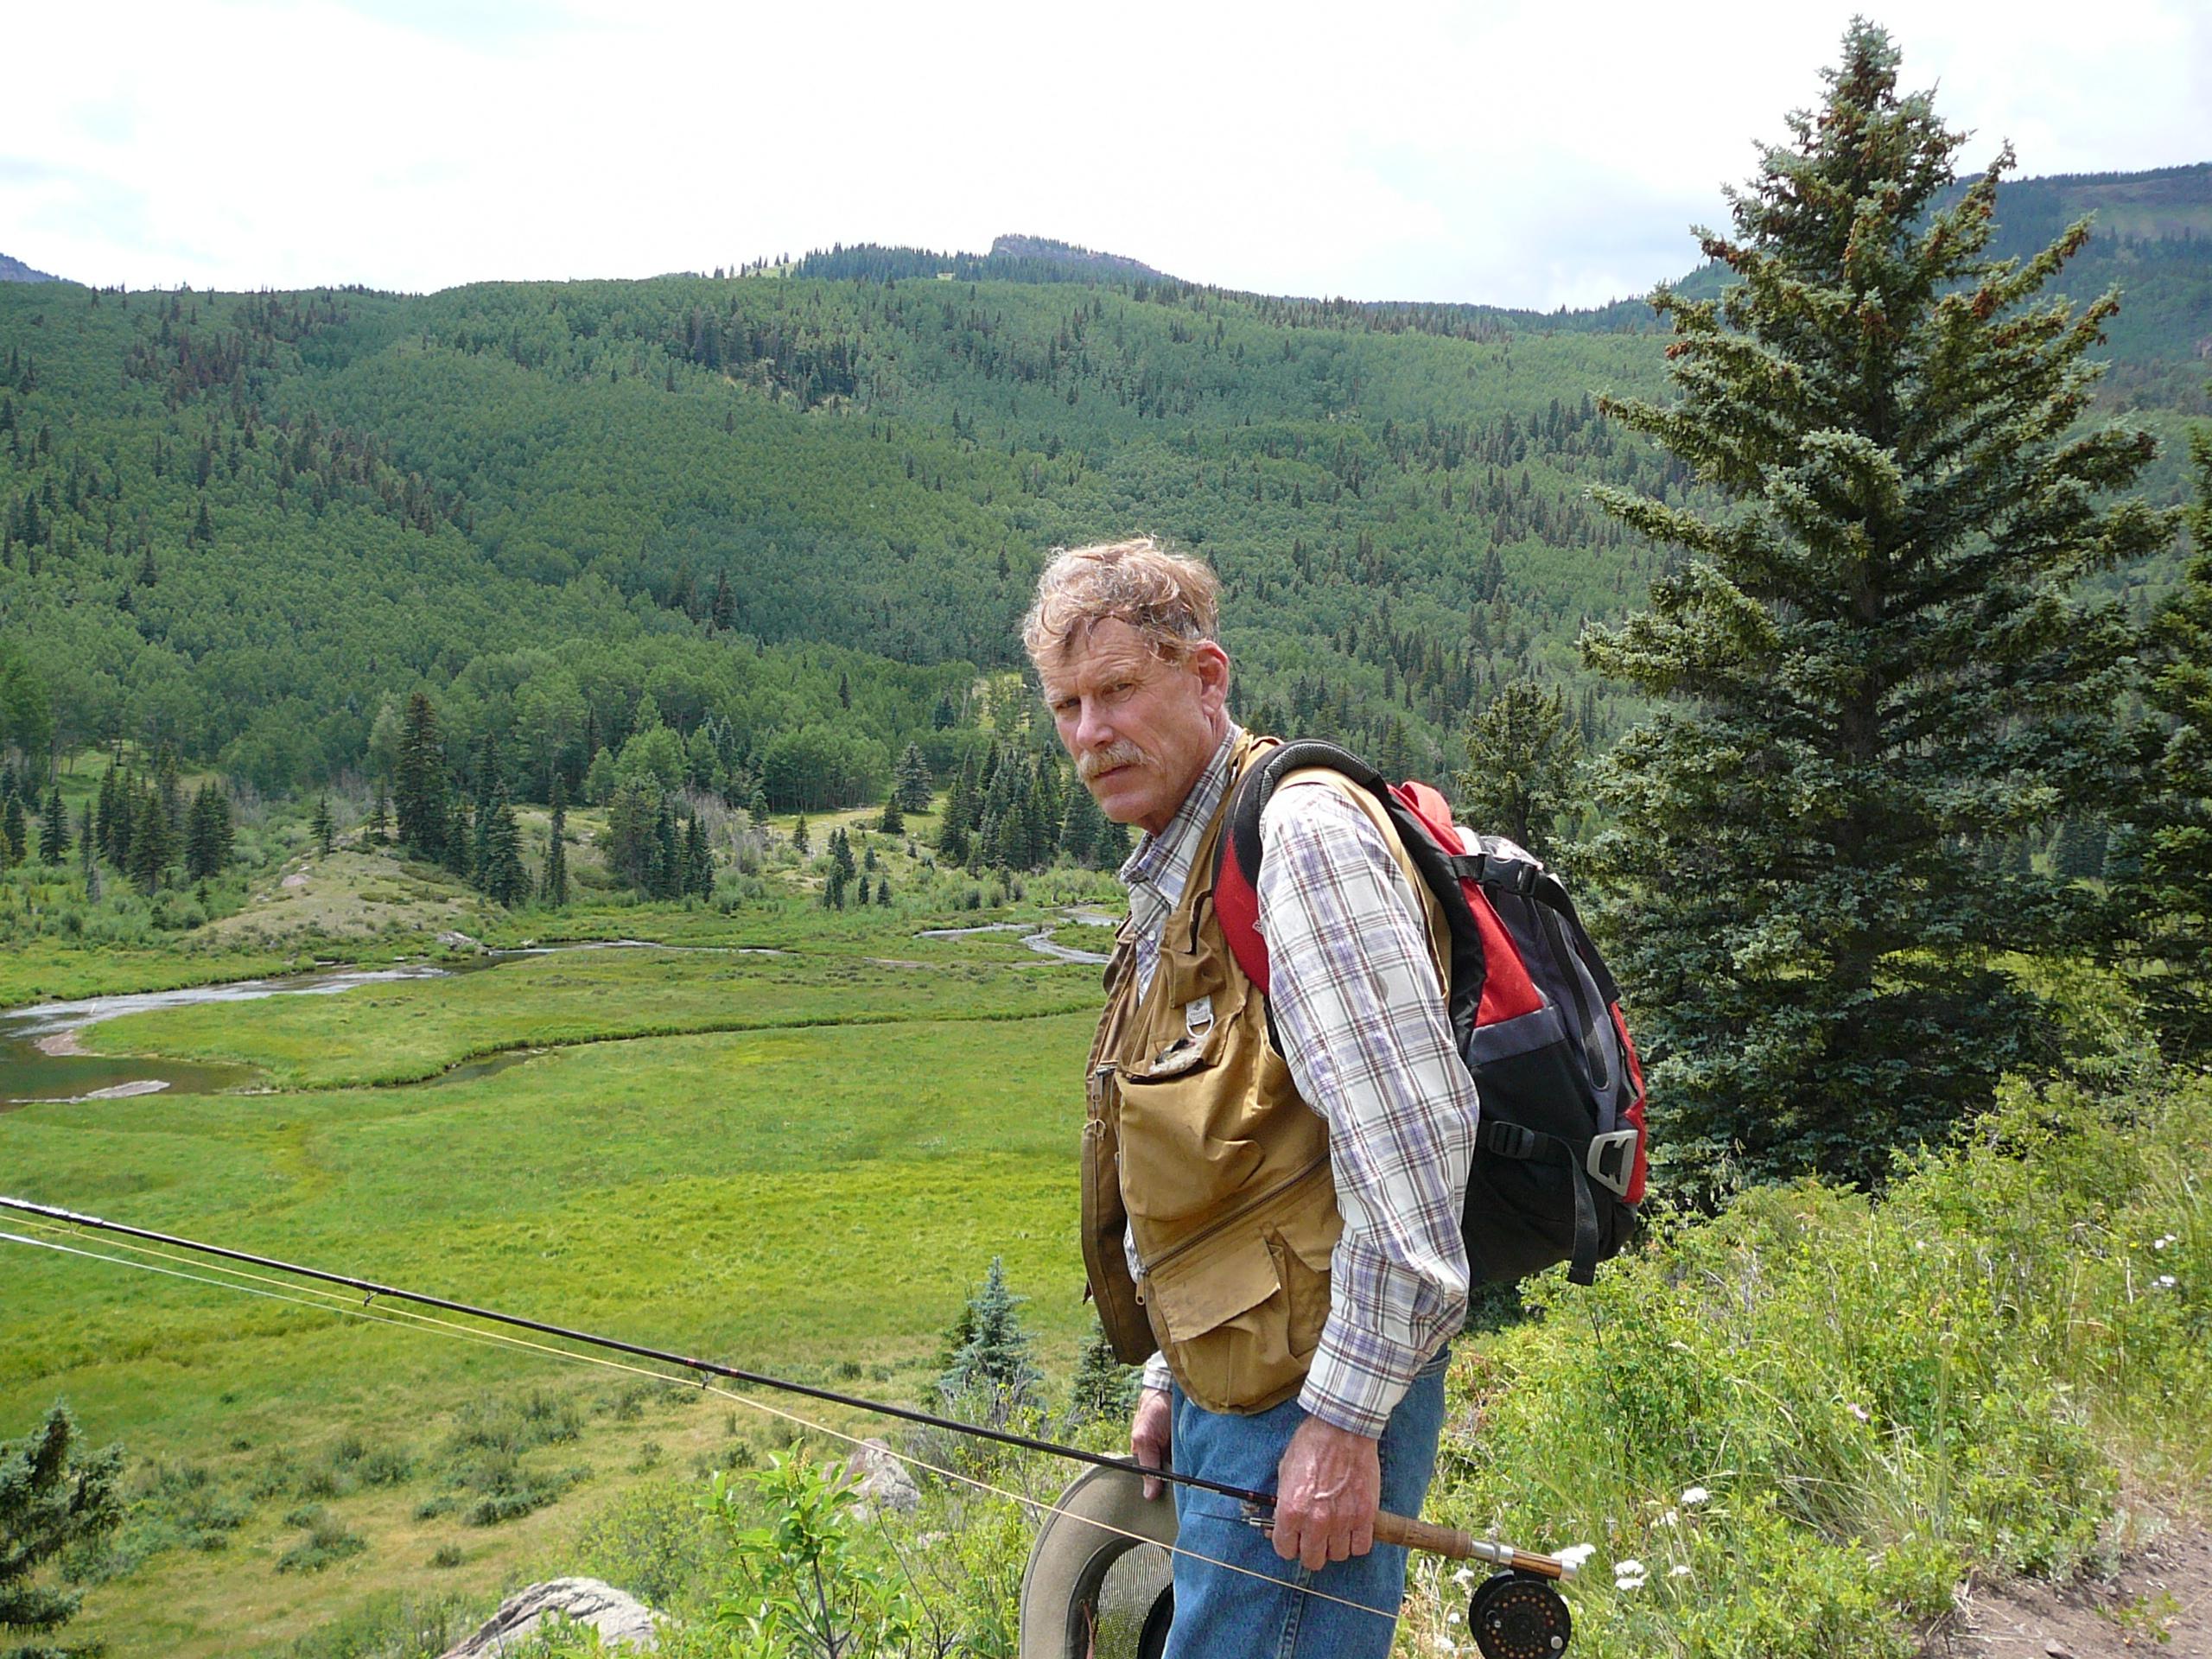 Ken Wolosin